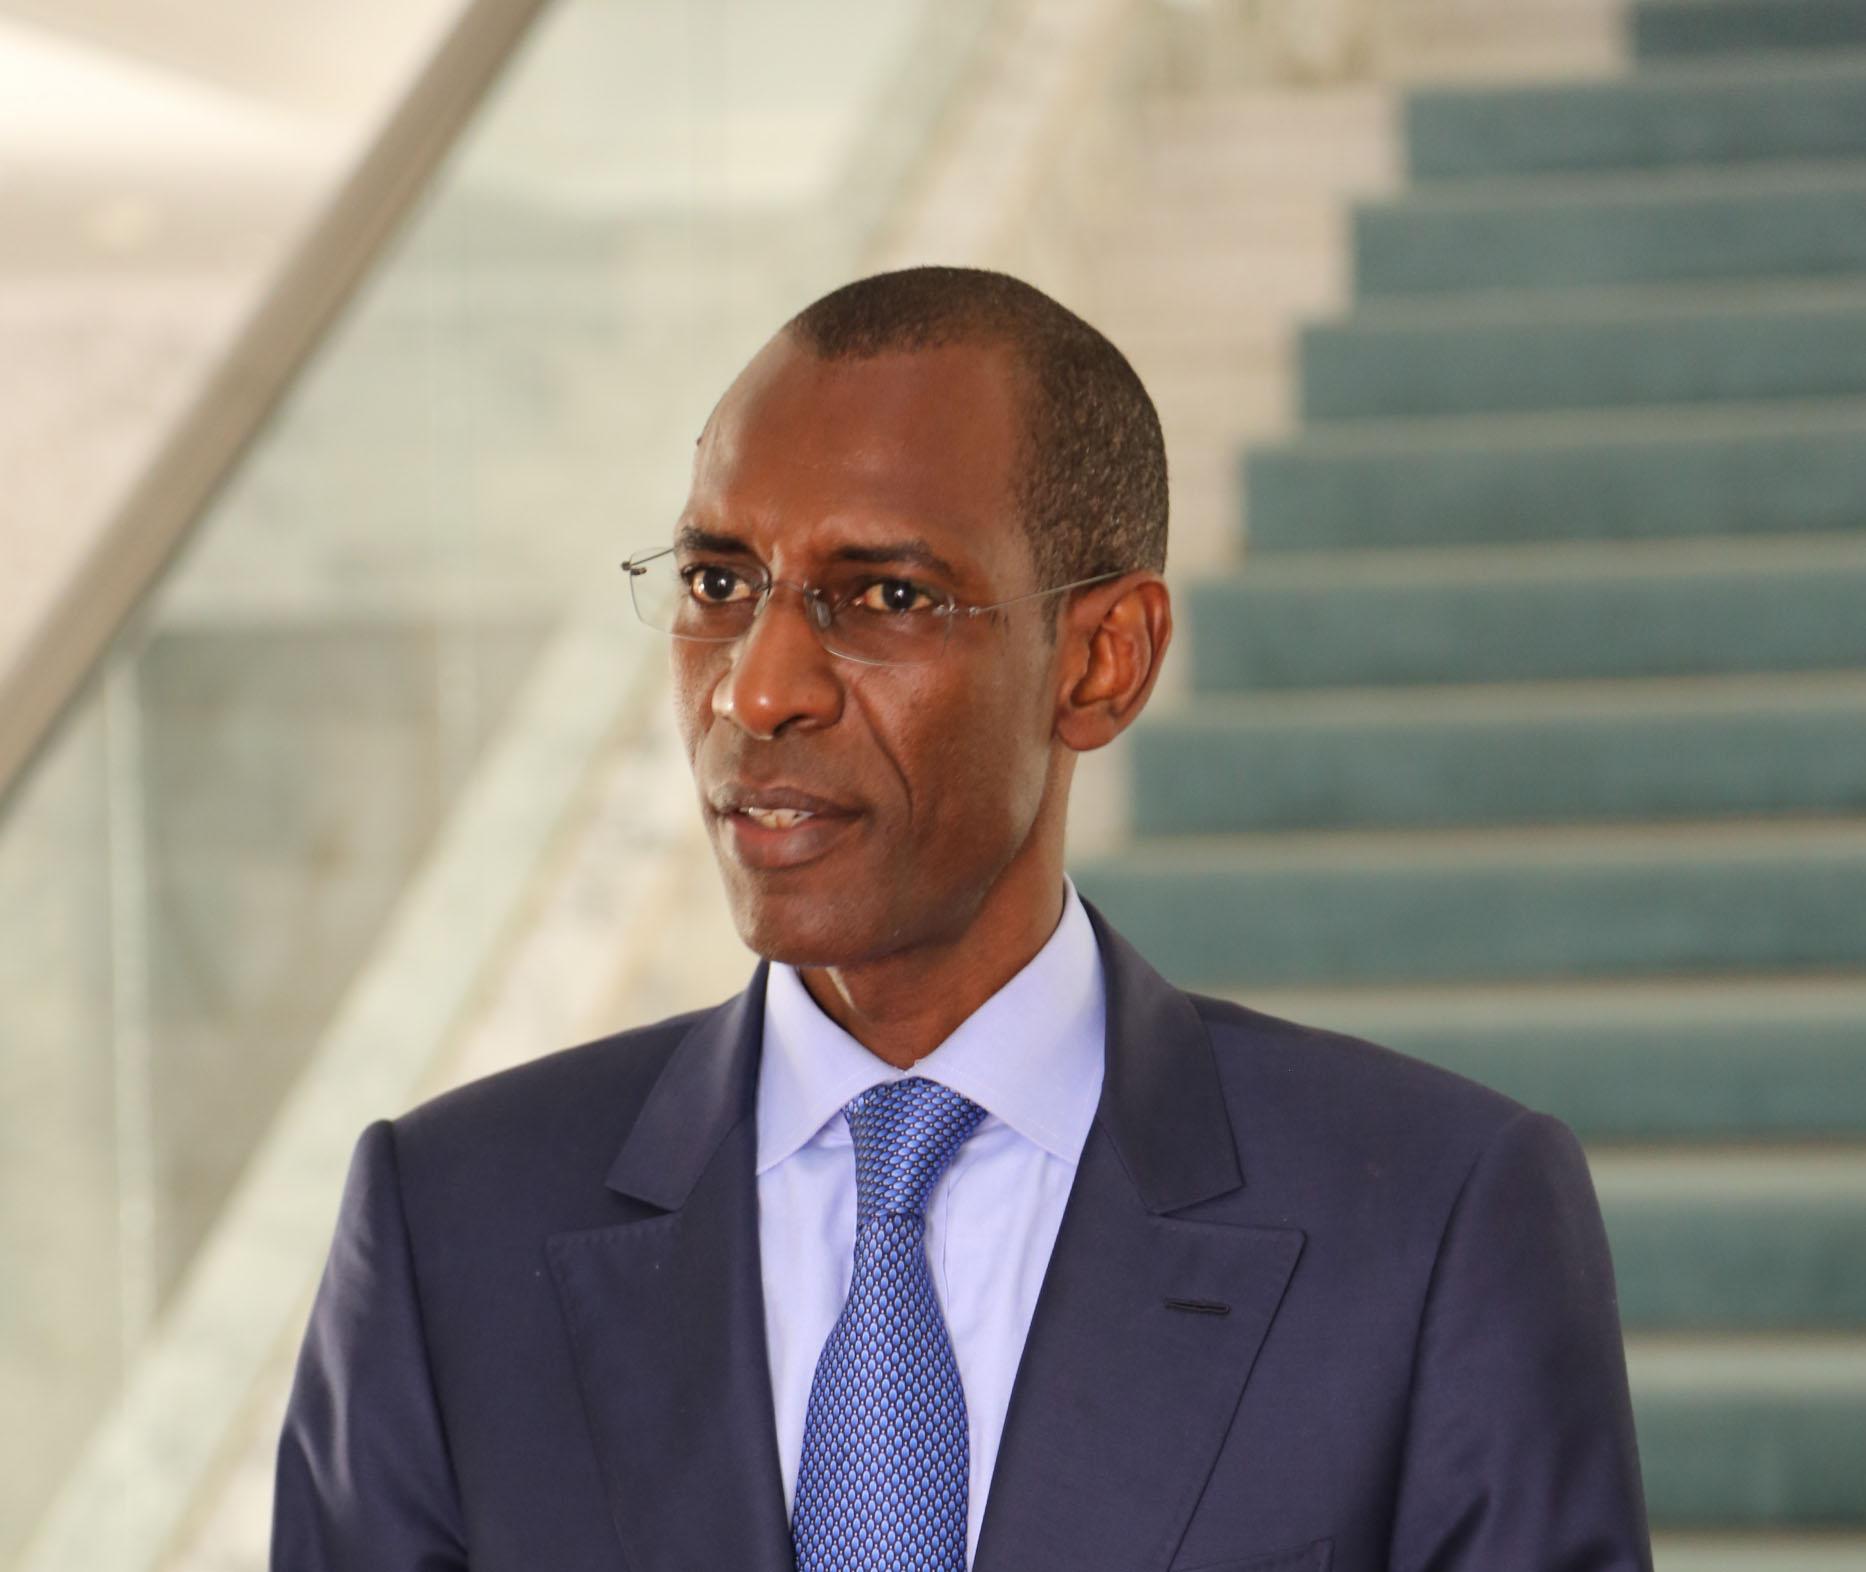 HCCT : Le Ministre de l'intérieur et de la sécurité publique, Abdoulaye Daouda Diallo autorise la remise de la liste de Dakar aux entités en lice